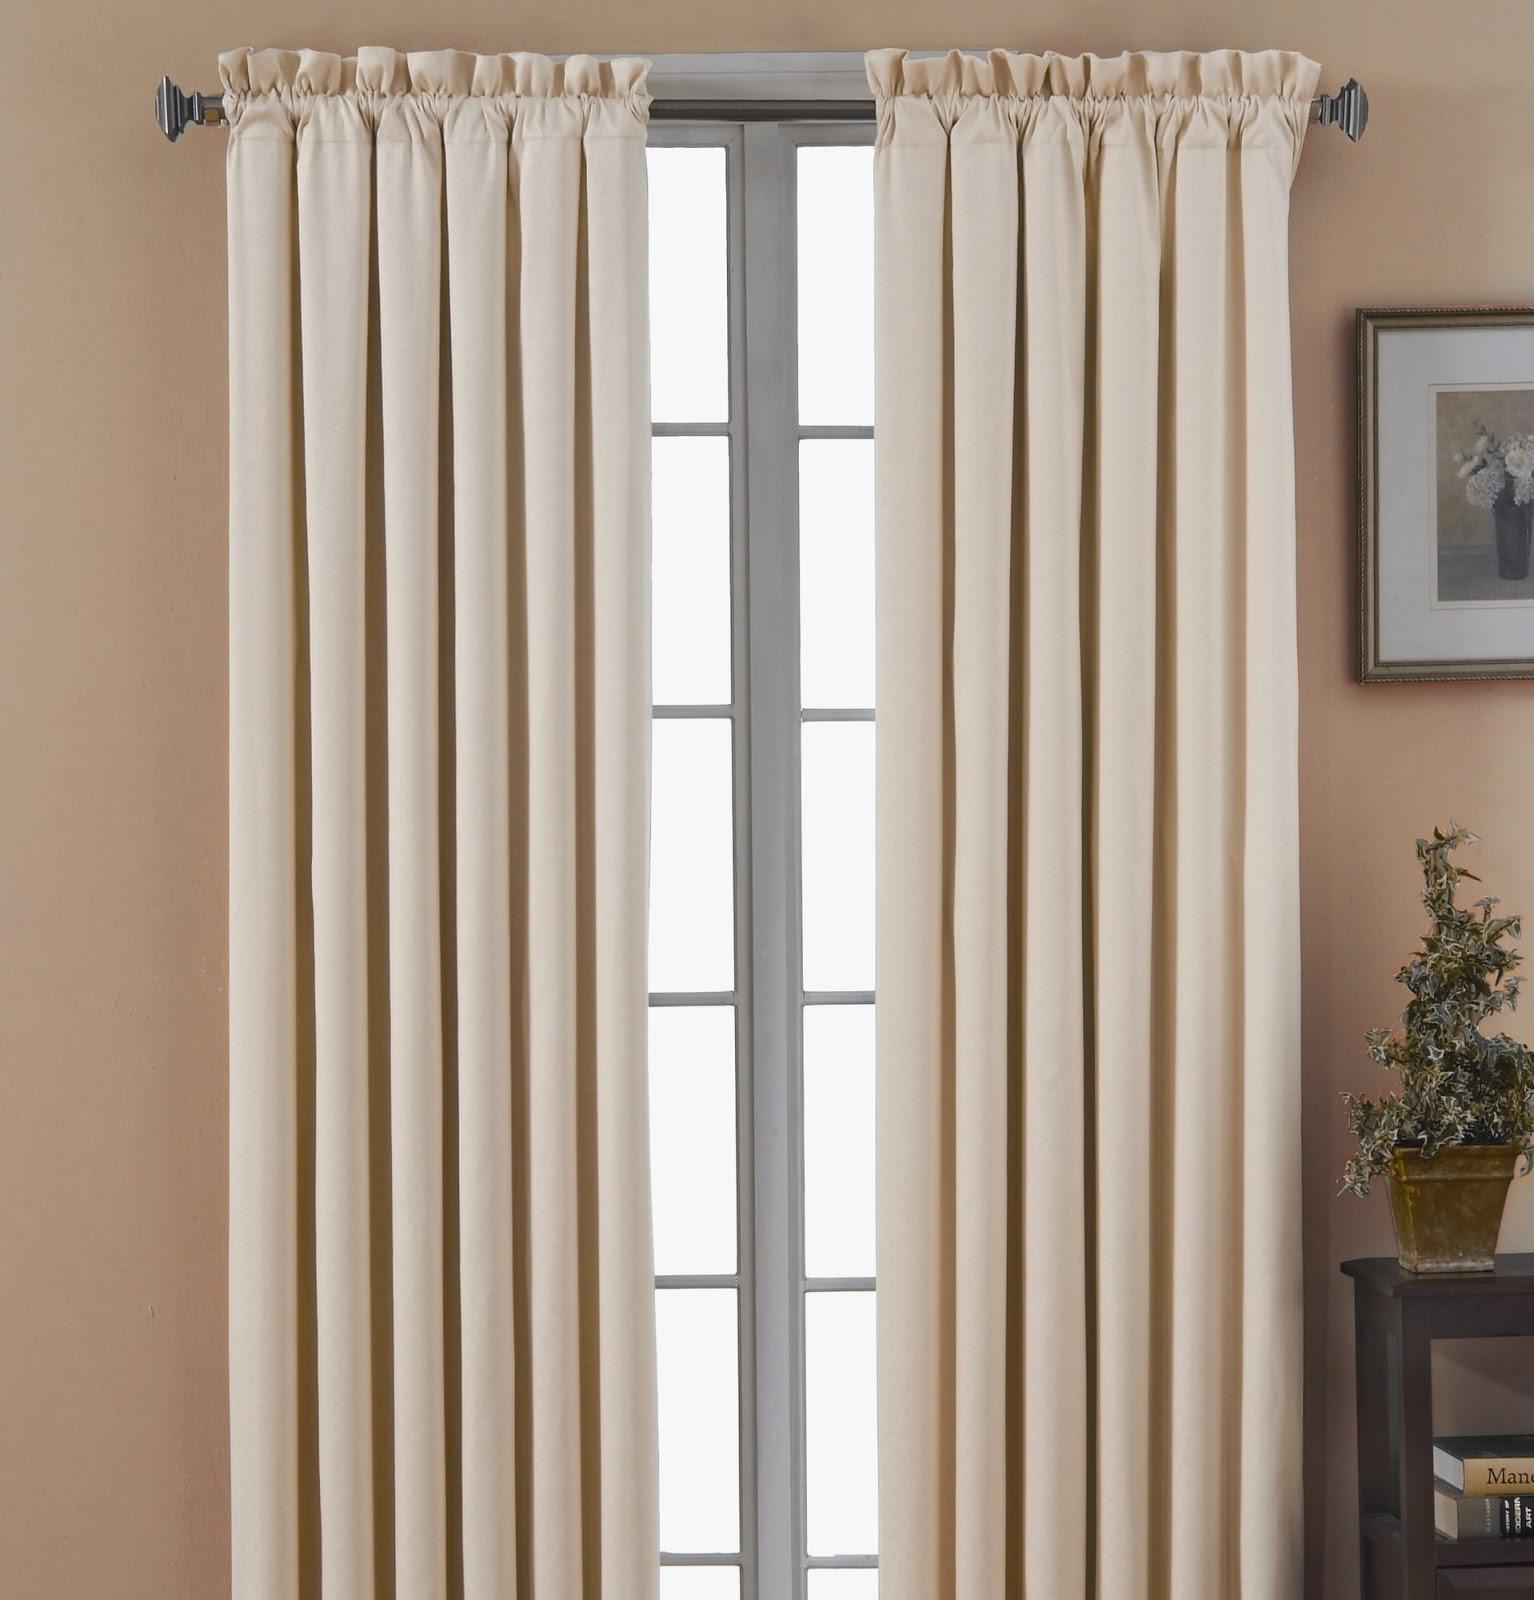 modle de rideaux de cuisine rideaux ariens chambre a coucher yadeco accessoires cuisine rideau. Black Bedroom Furniture Sets. Home Design Ideas